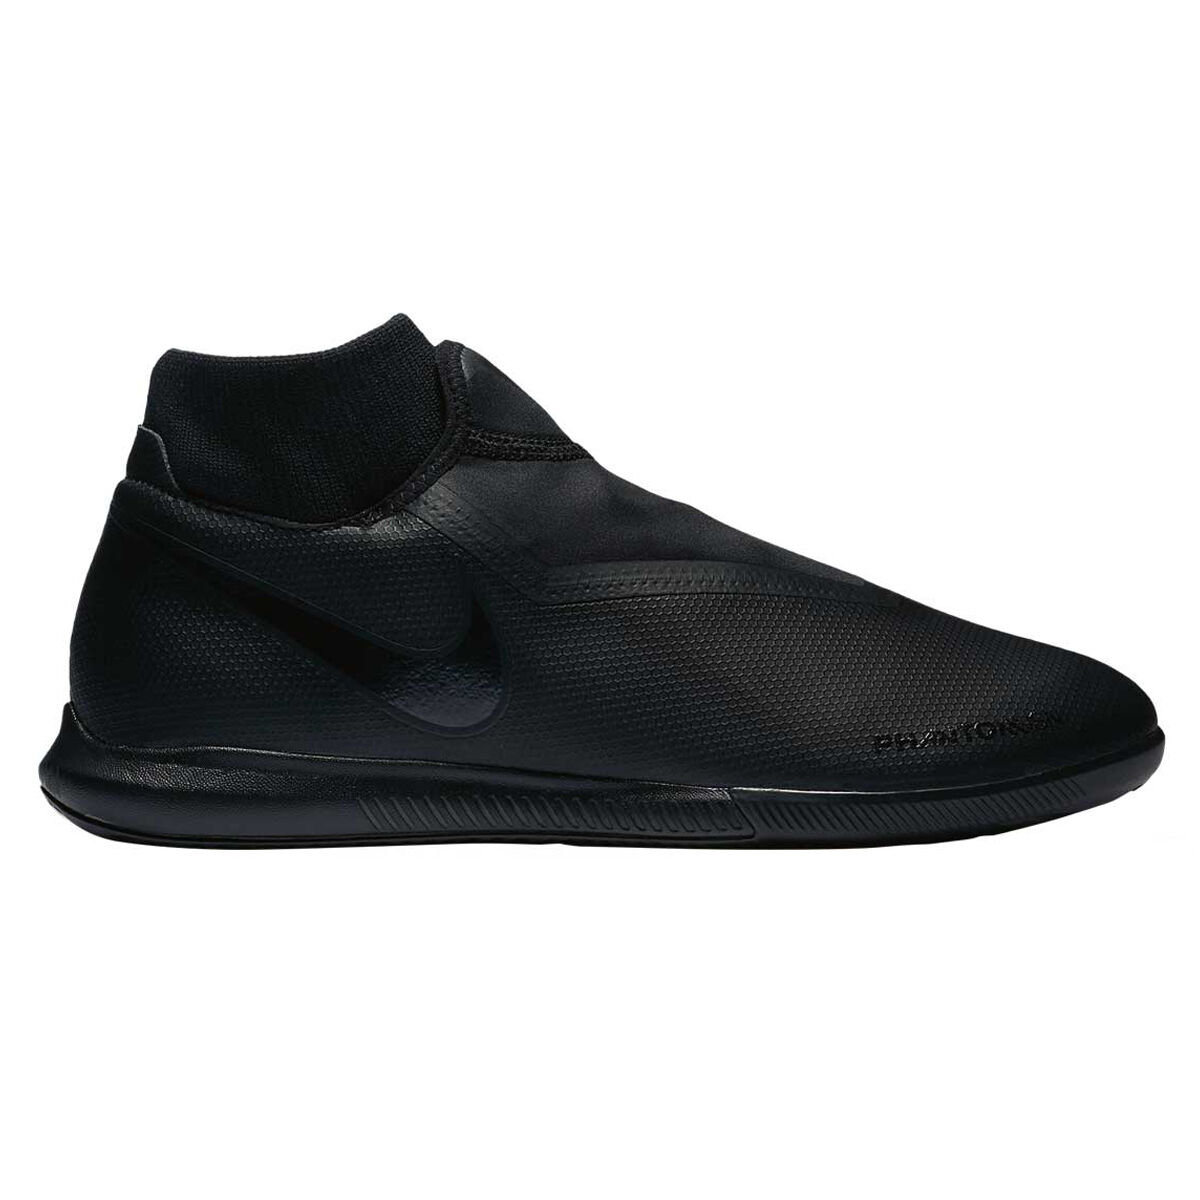 black nike indoor soccer shoes